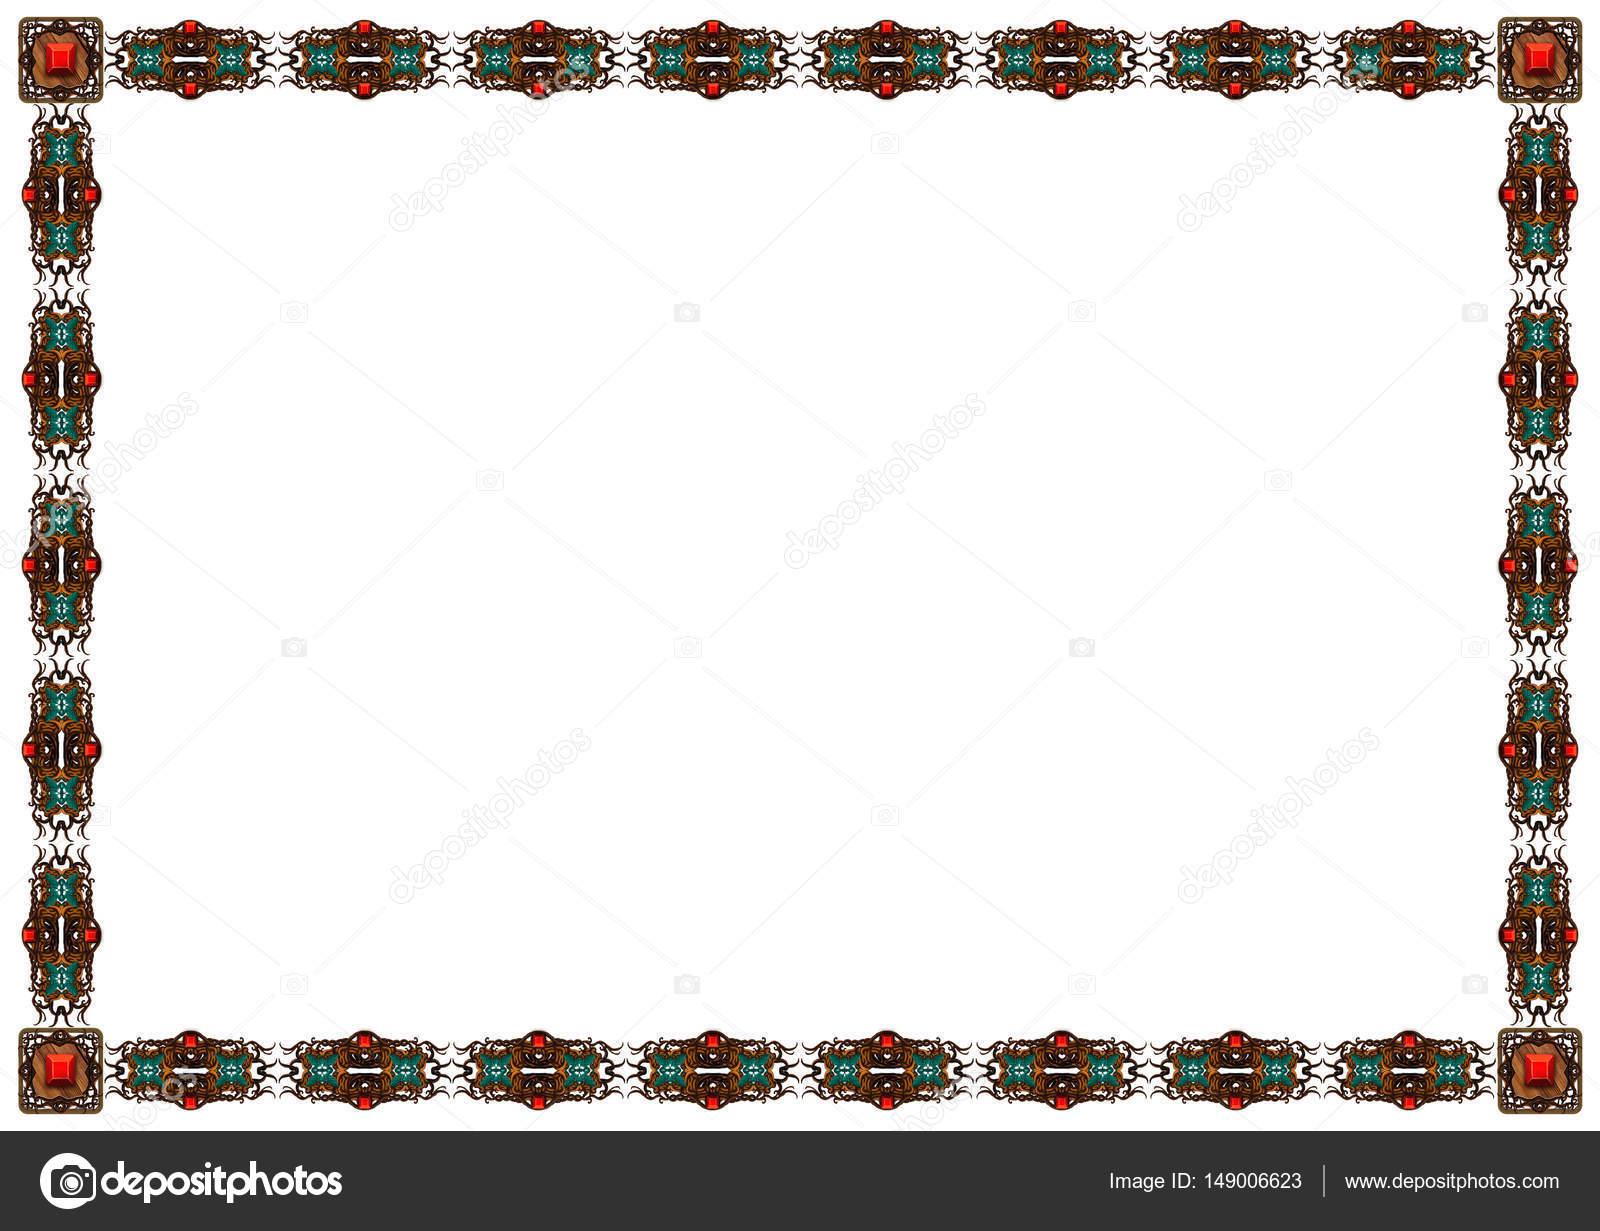 Marco de madera exquisitos ornamentos tallados — Fotos de Stock ...